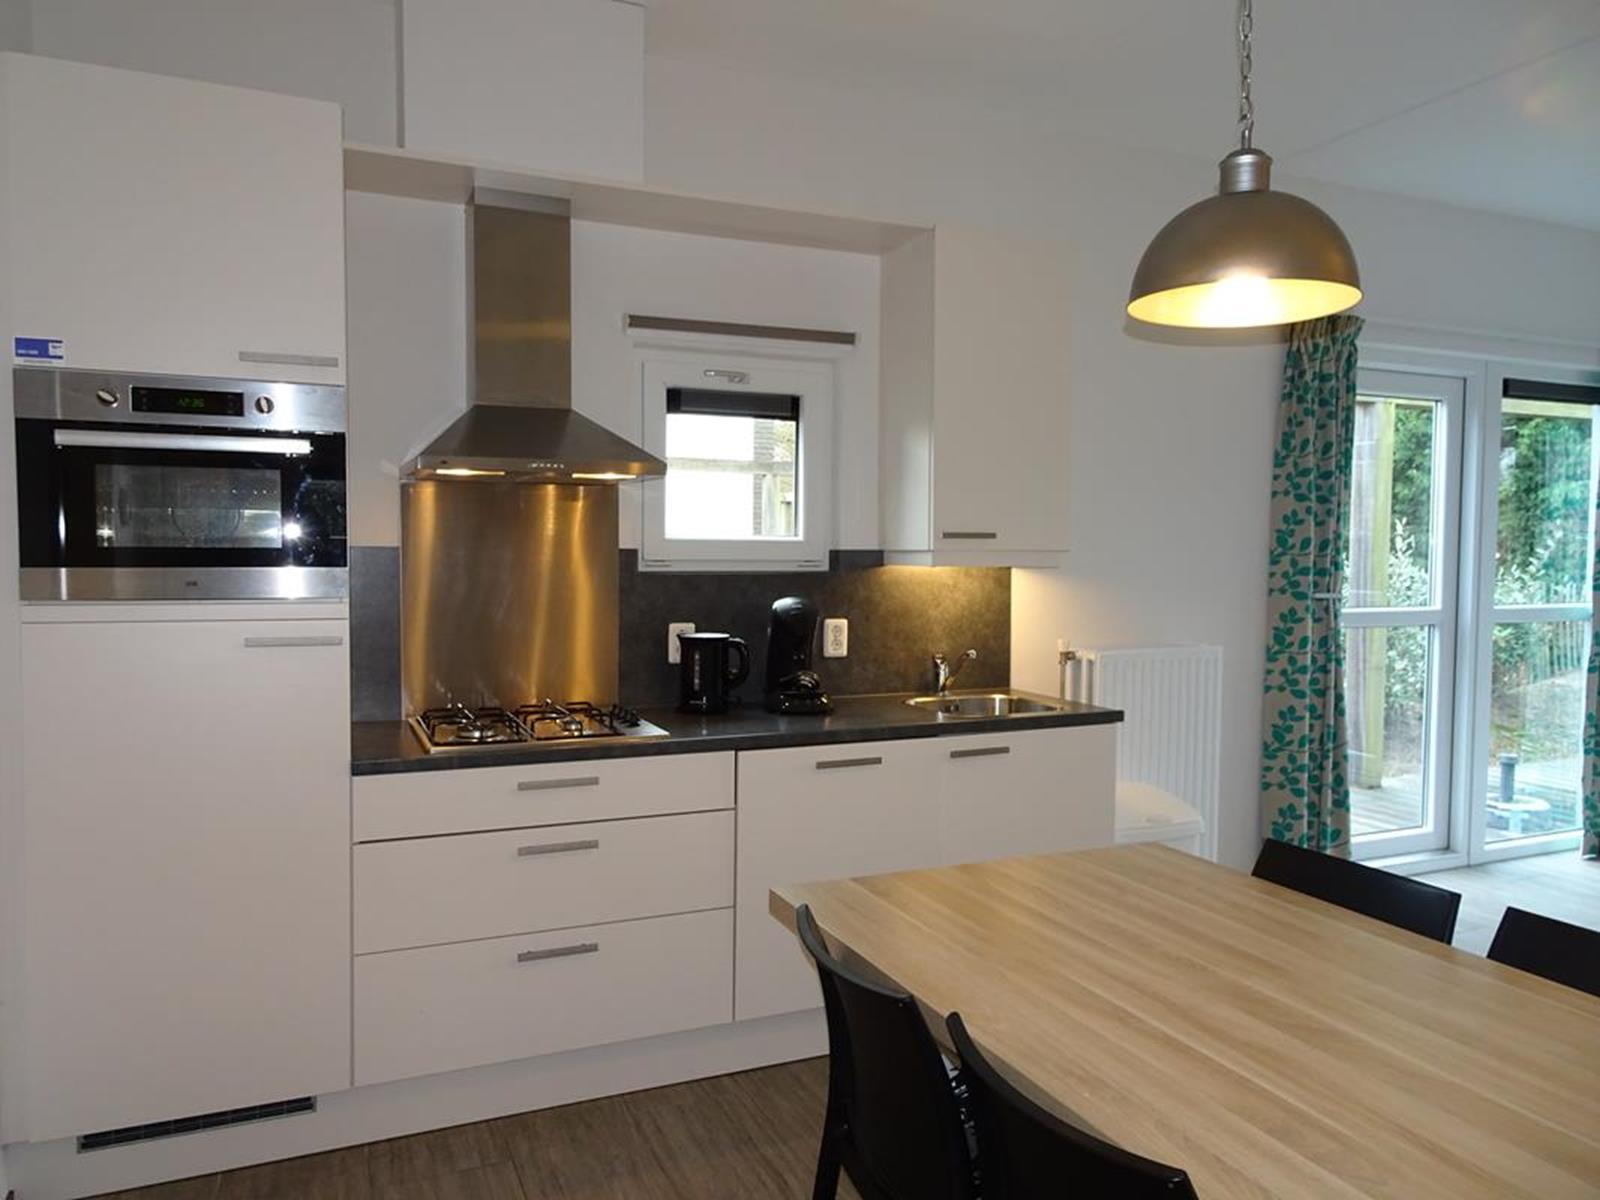 Vakantiehuis te koop Holland Ouddorp ZV 1 023.jpg